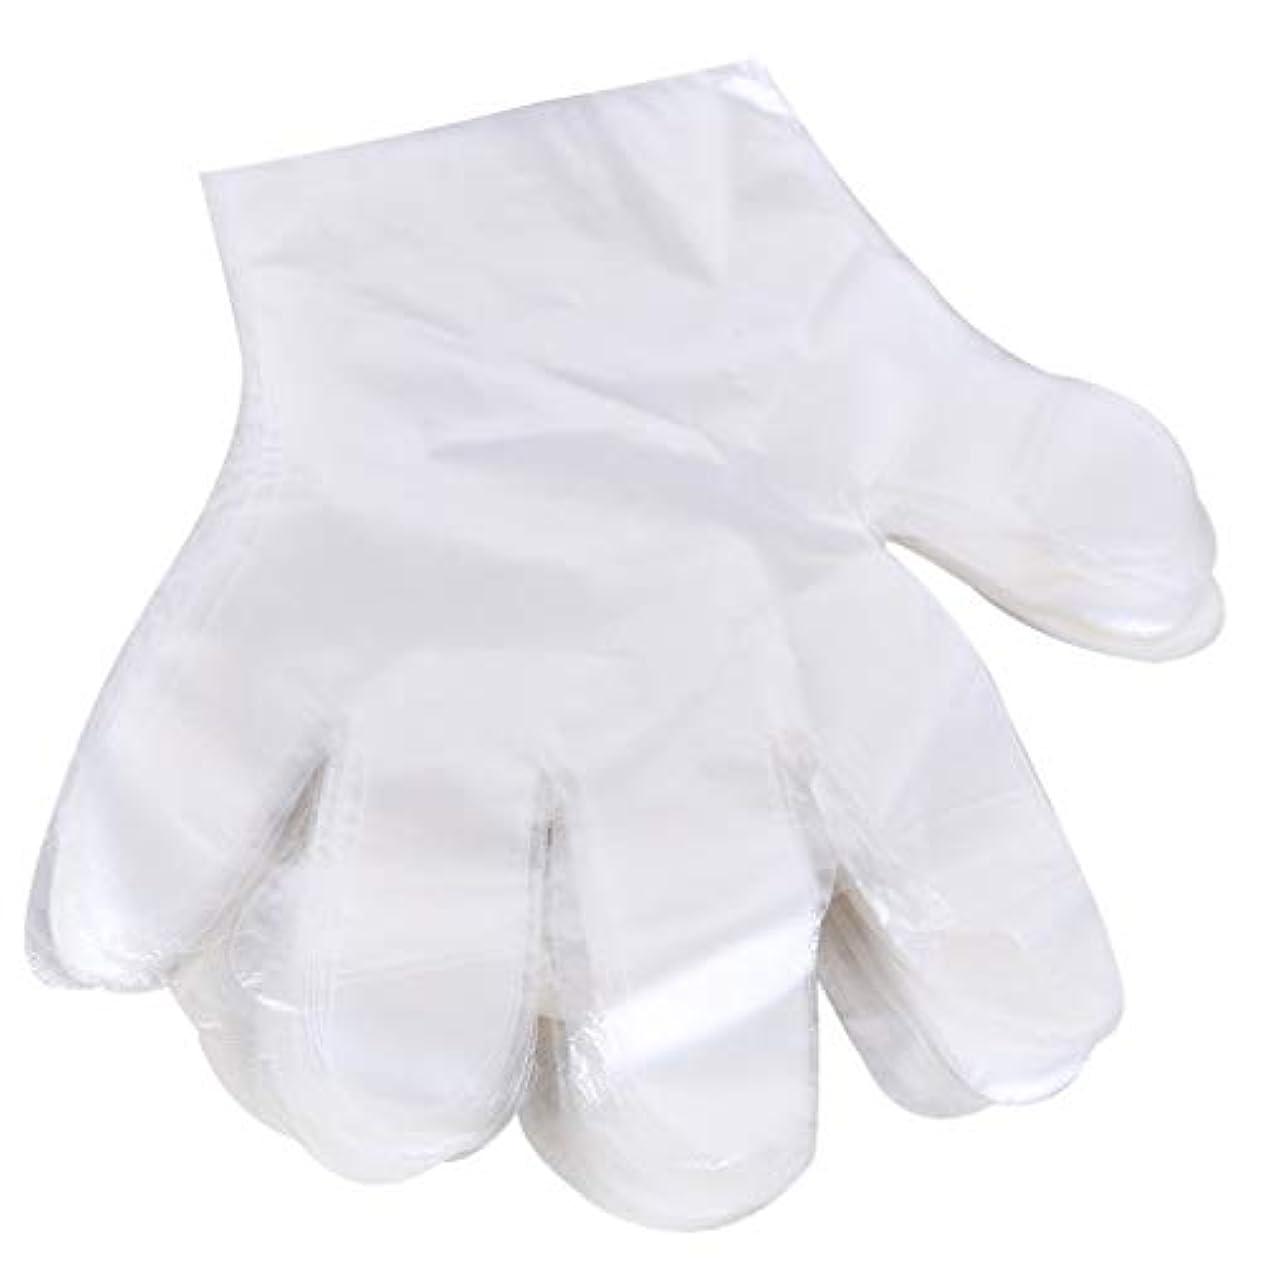 生じる倍増悪意のある1000 使い捨て手袋、ケータリングヘアマスク食品ロブスター厚い透明プラスチックpeフィルム手袋透明カバー YANW